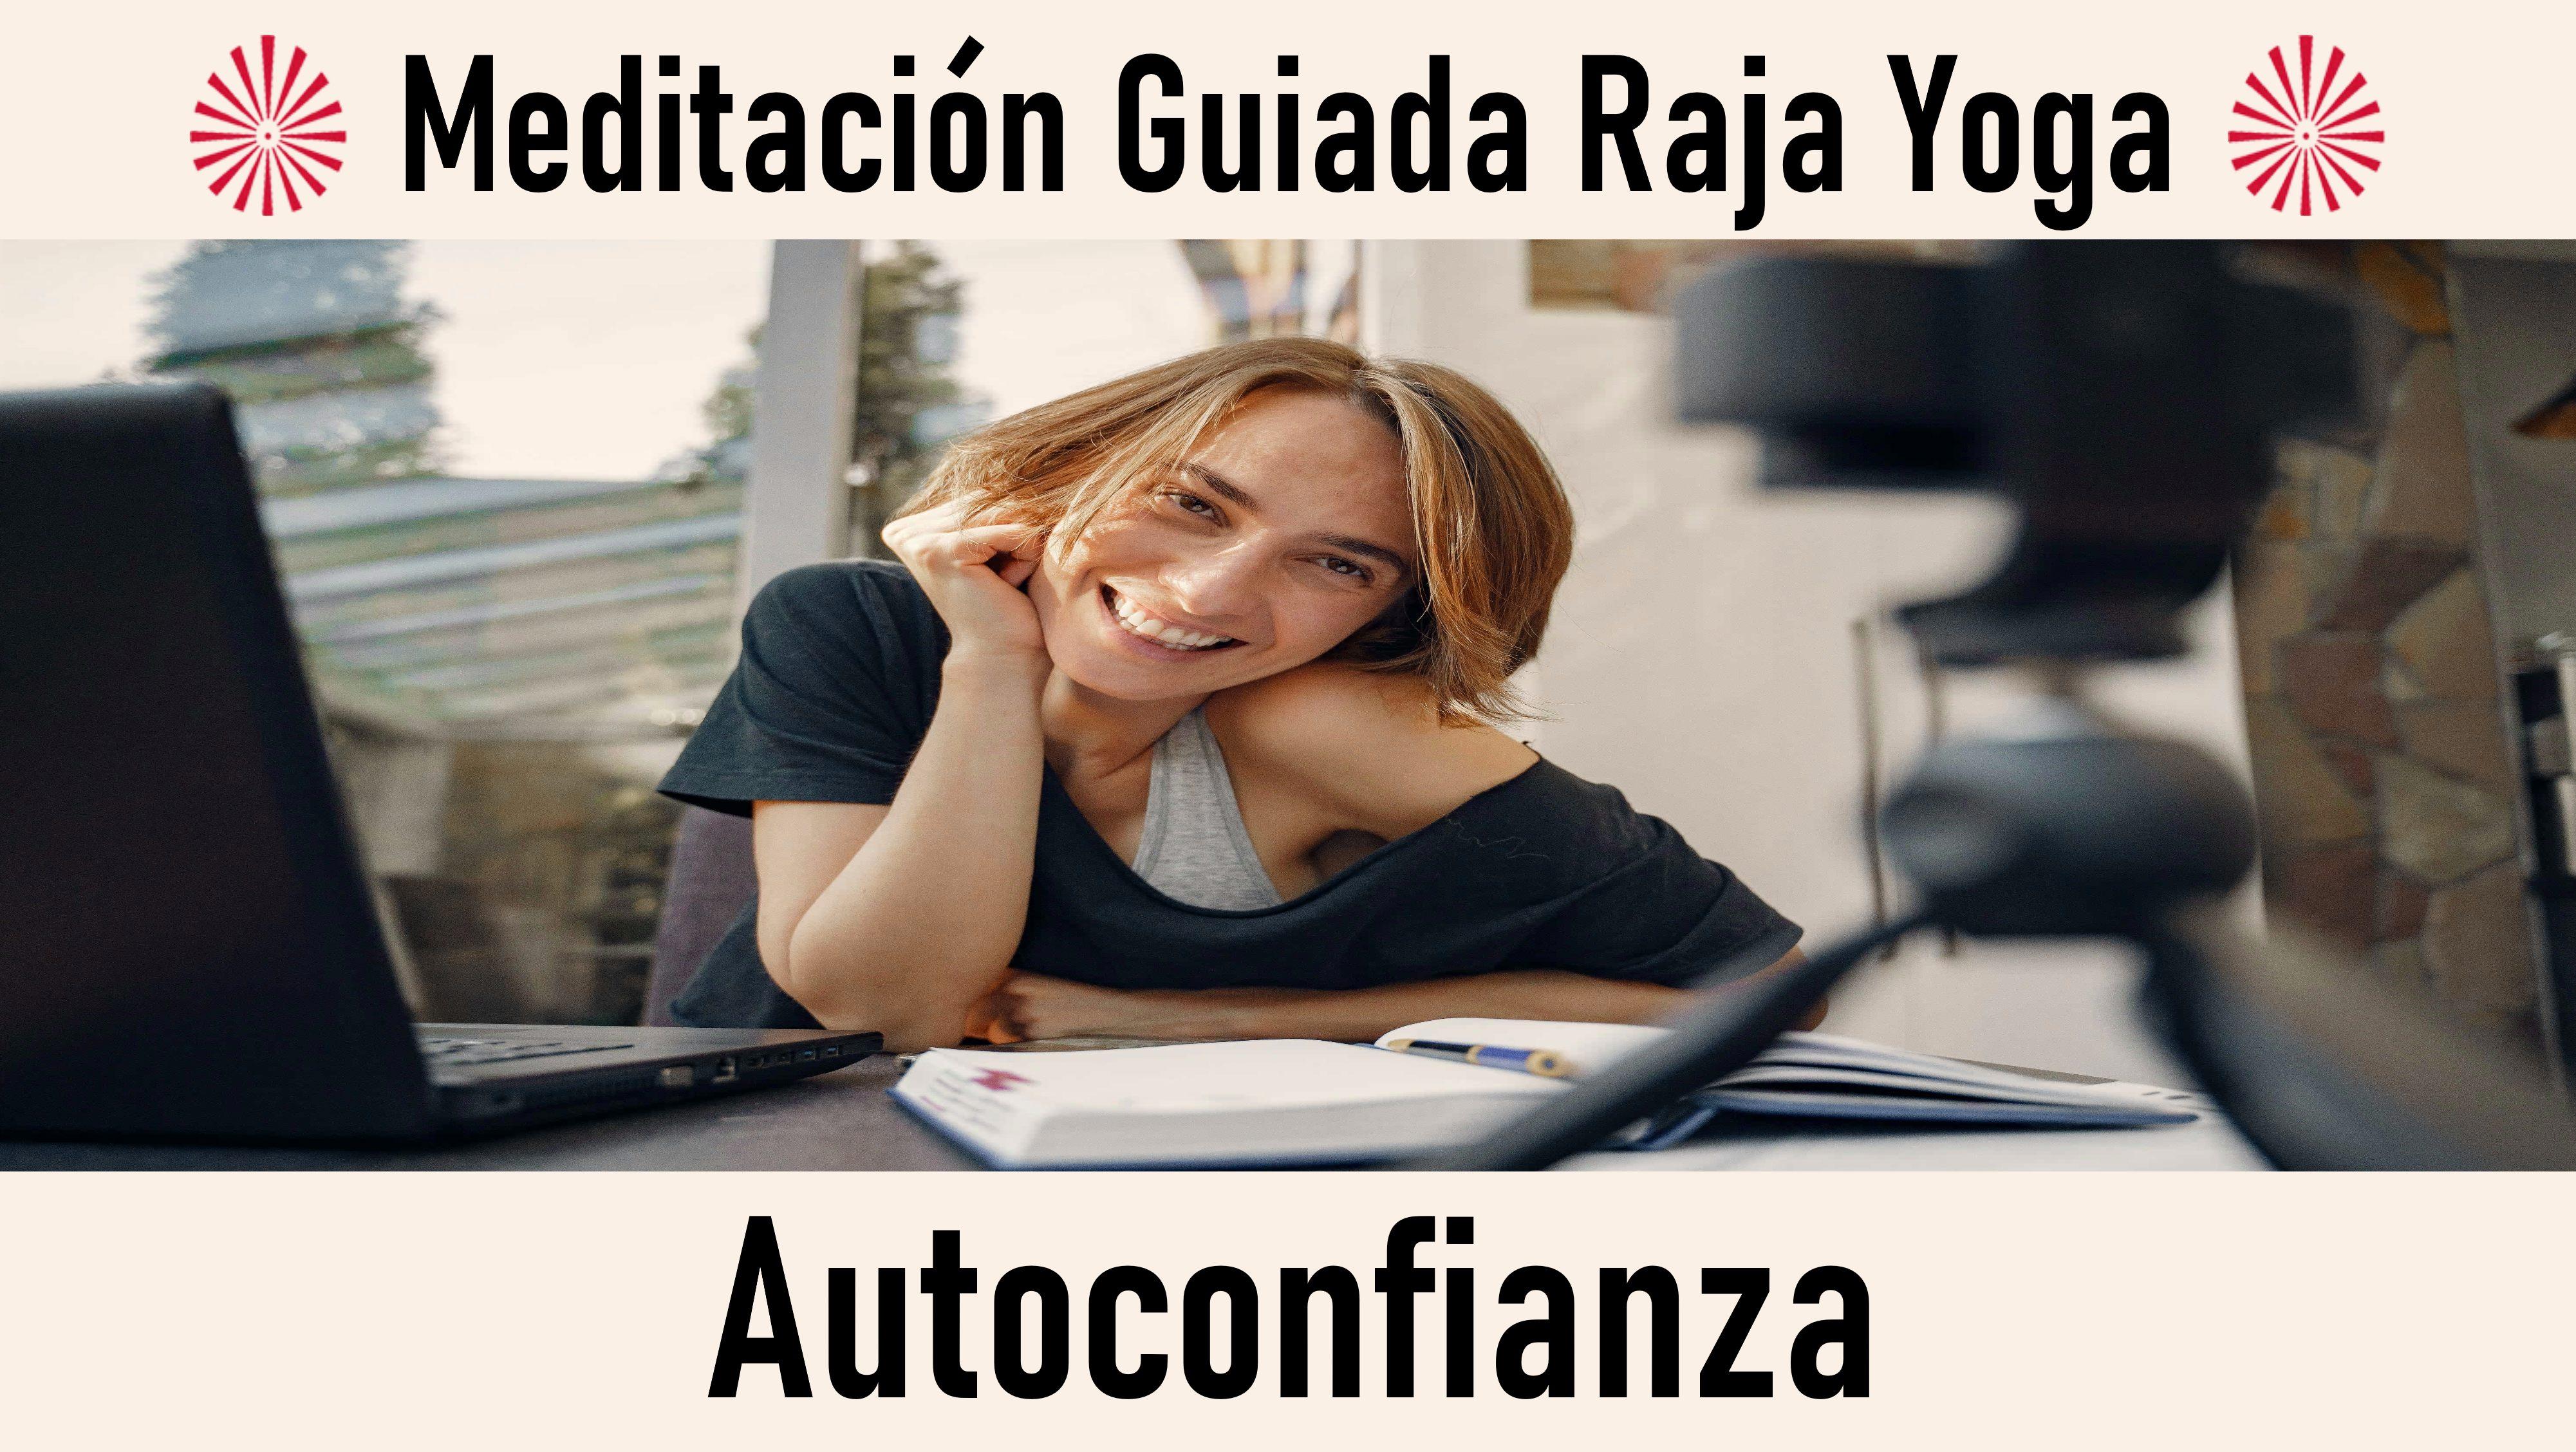 Meditación Raja Yoga : Autoconfianza (30 Septiembre 2020) On-line desde Madrid